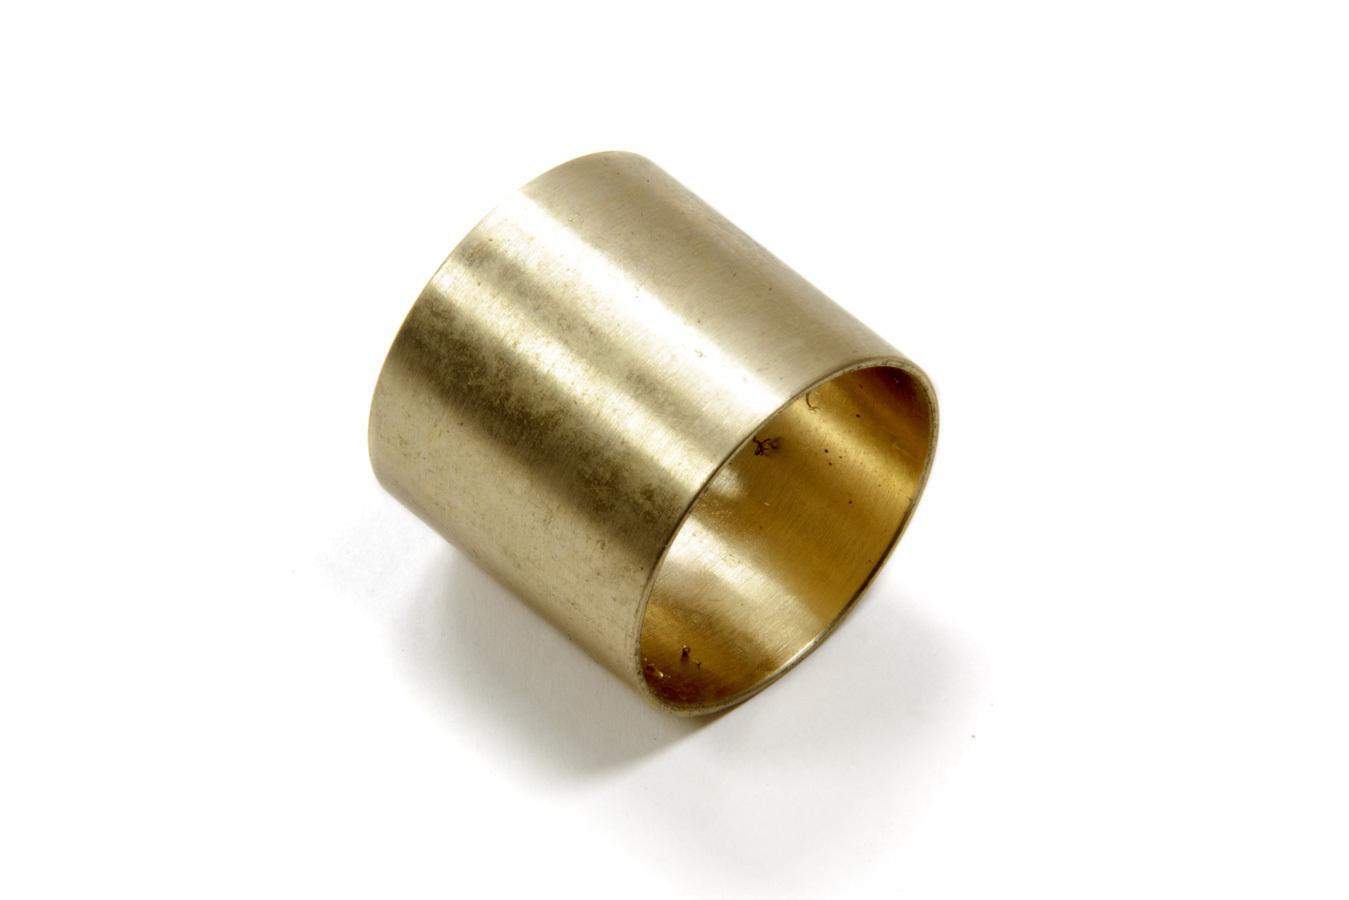 Trend Performance 02-5032 Wrist Pin Bushing, 0.984 in ID, 1.040 in OD, 0.930 in Long, Bronze, Each